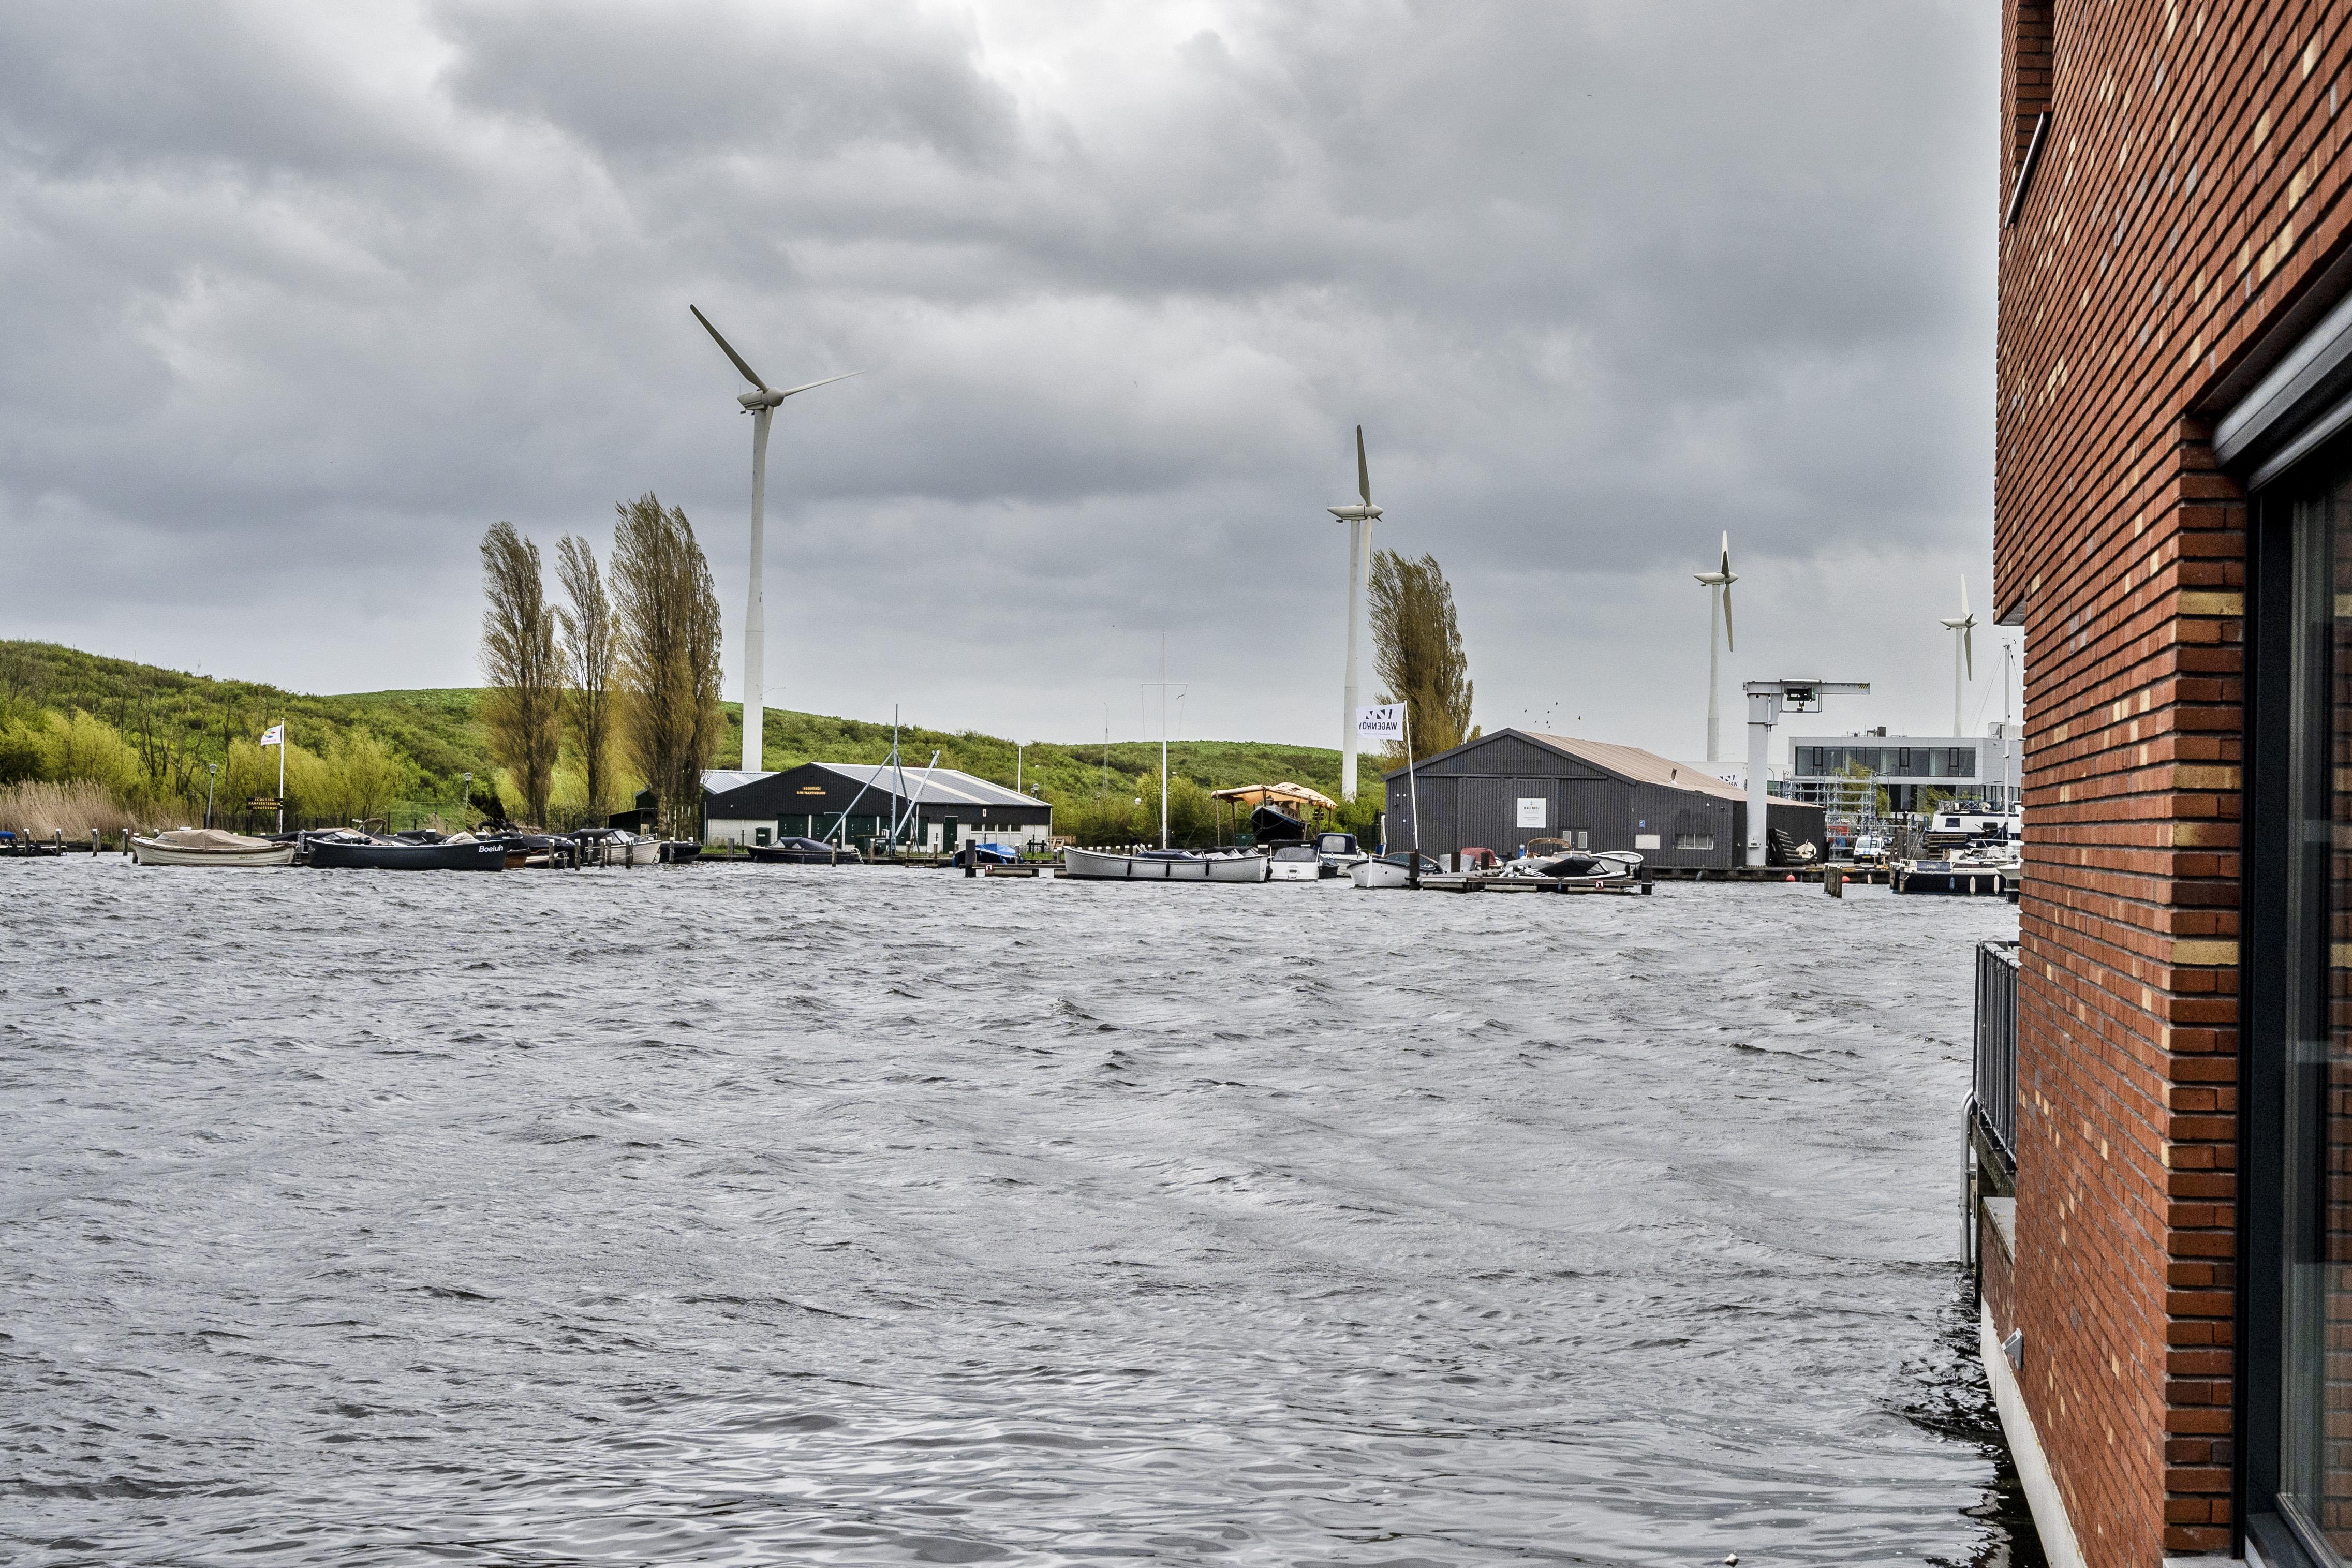 Discussies in de openlucht over windturbines, erfgoed en veenweidegebied, bij 'landschapstalks' mag het best knetteren